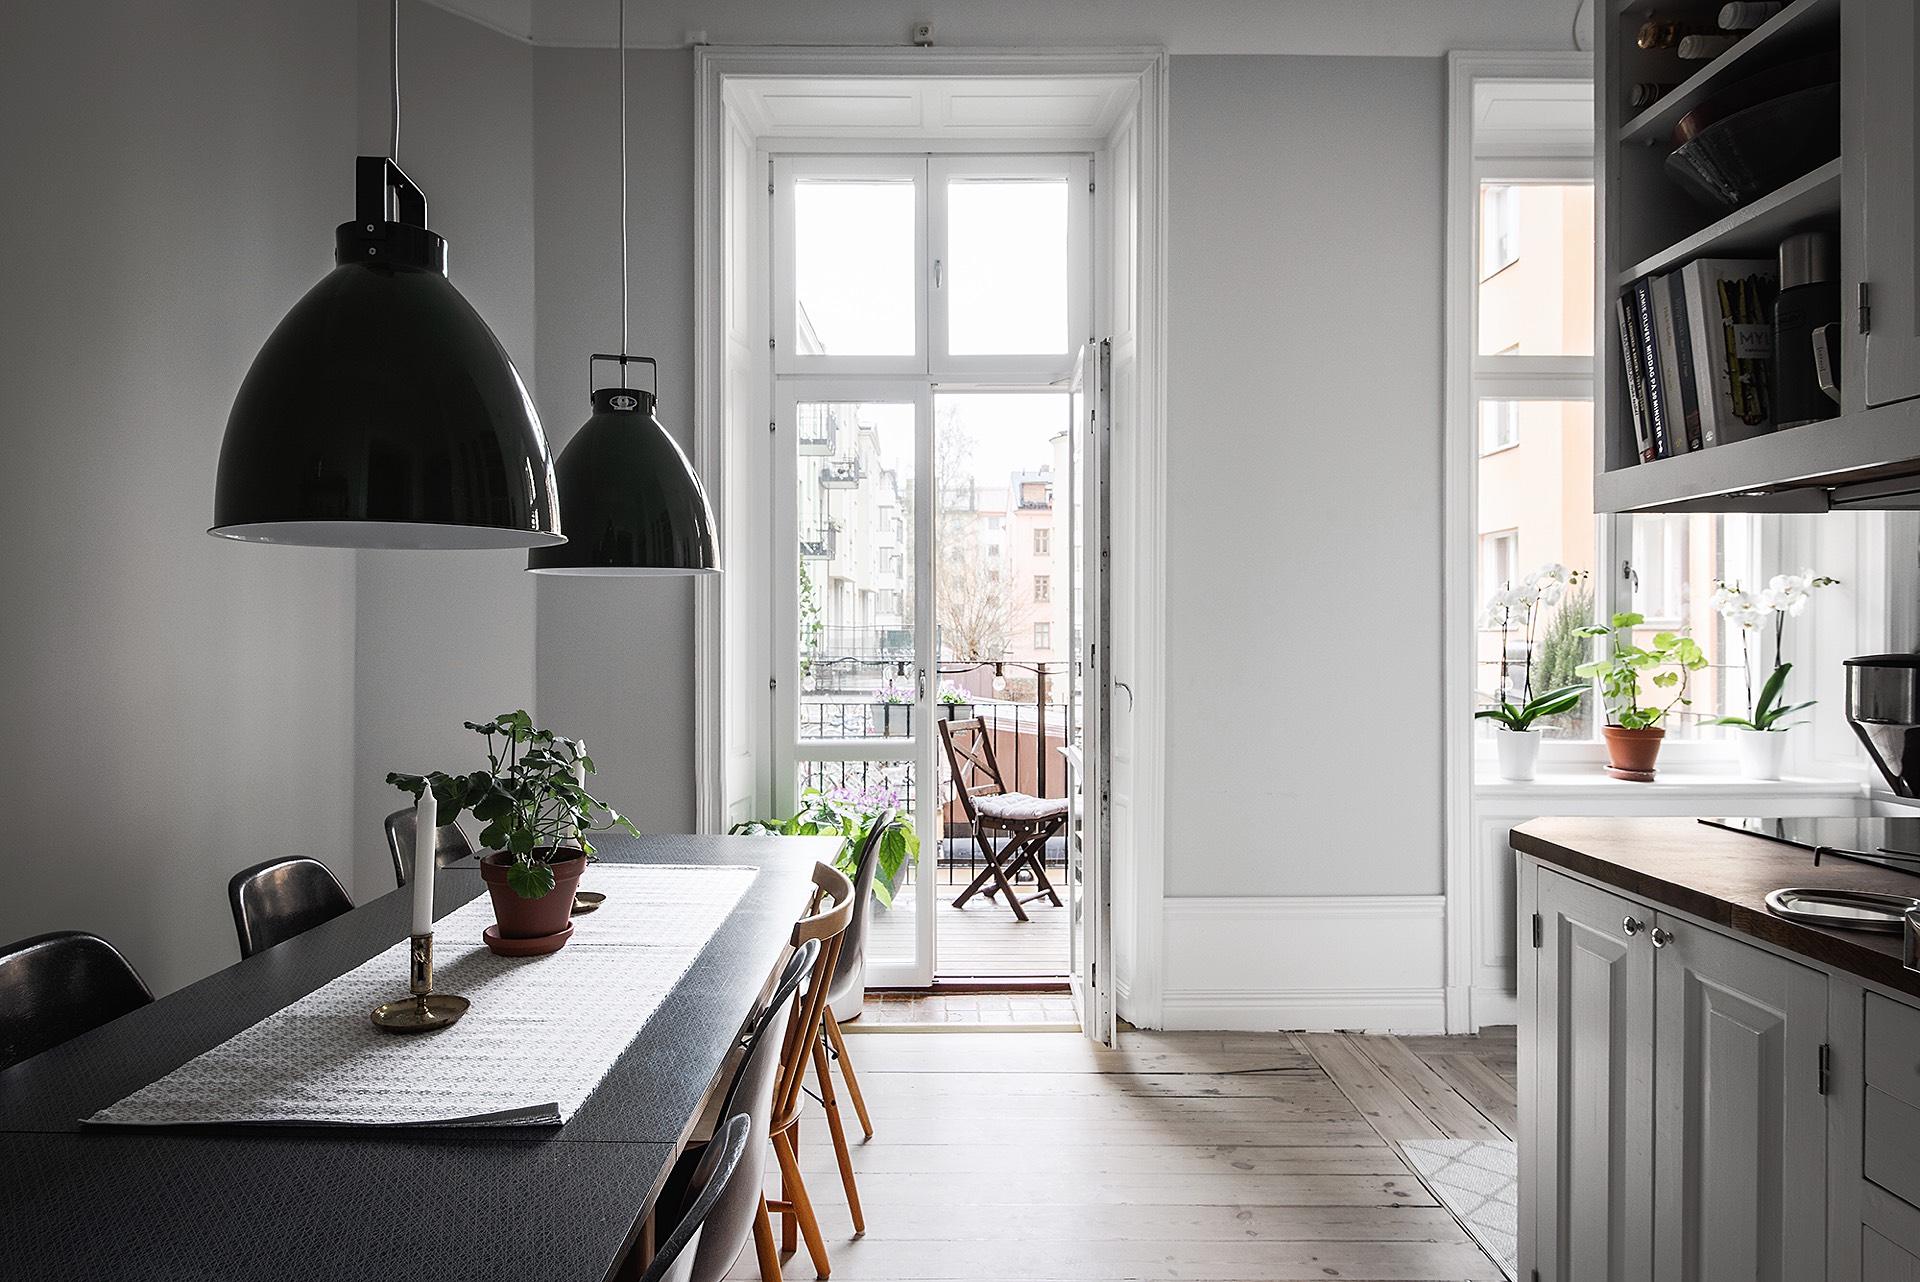 кухня выход на балкон французские двери